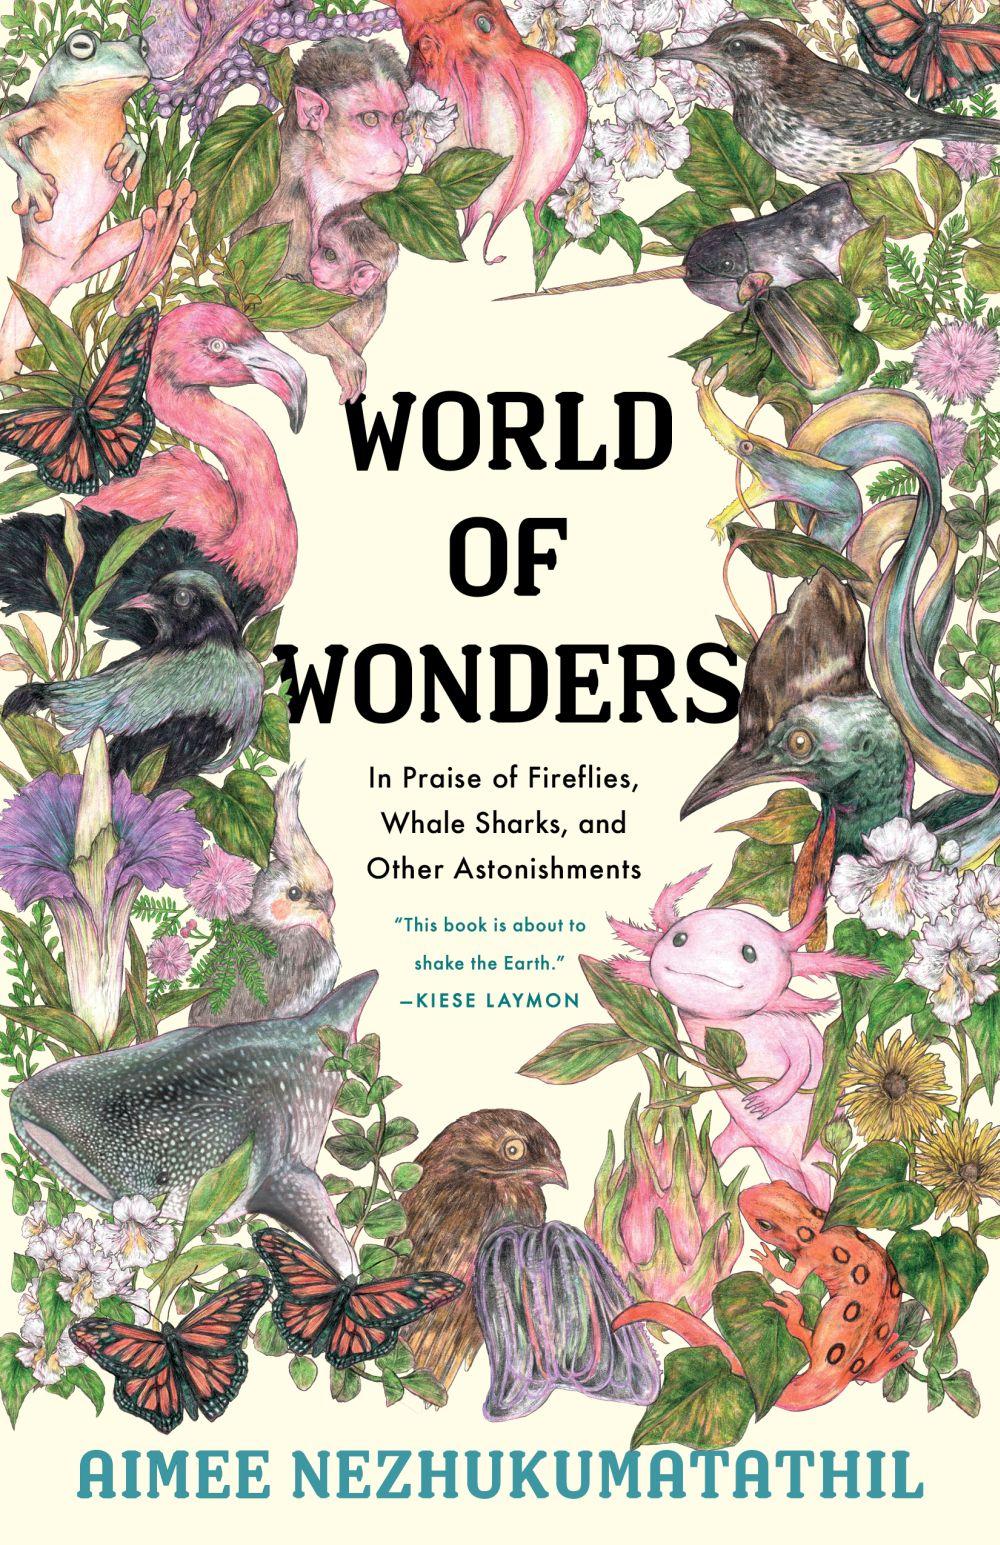 World of Wonders by Aimee Nezhukumatathil, illustrated by Fumi Nakamura